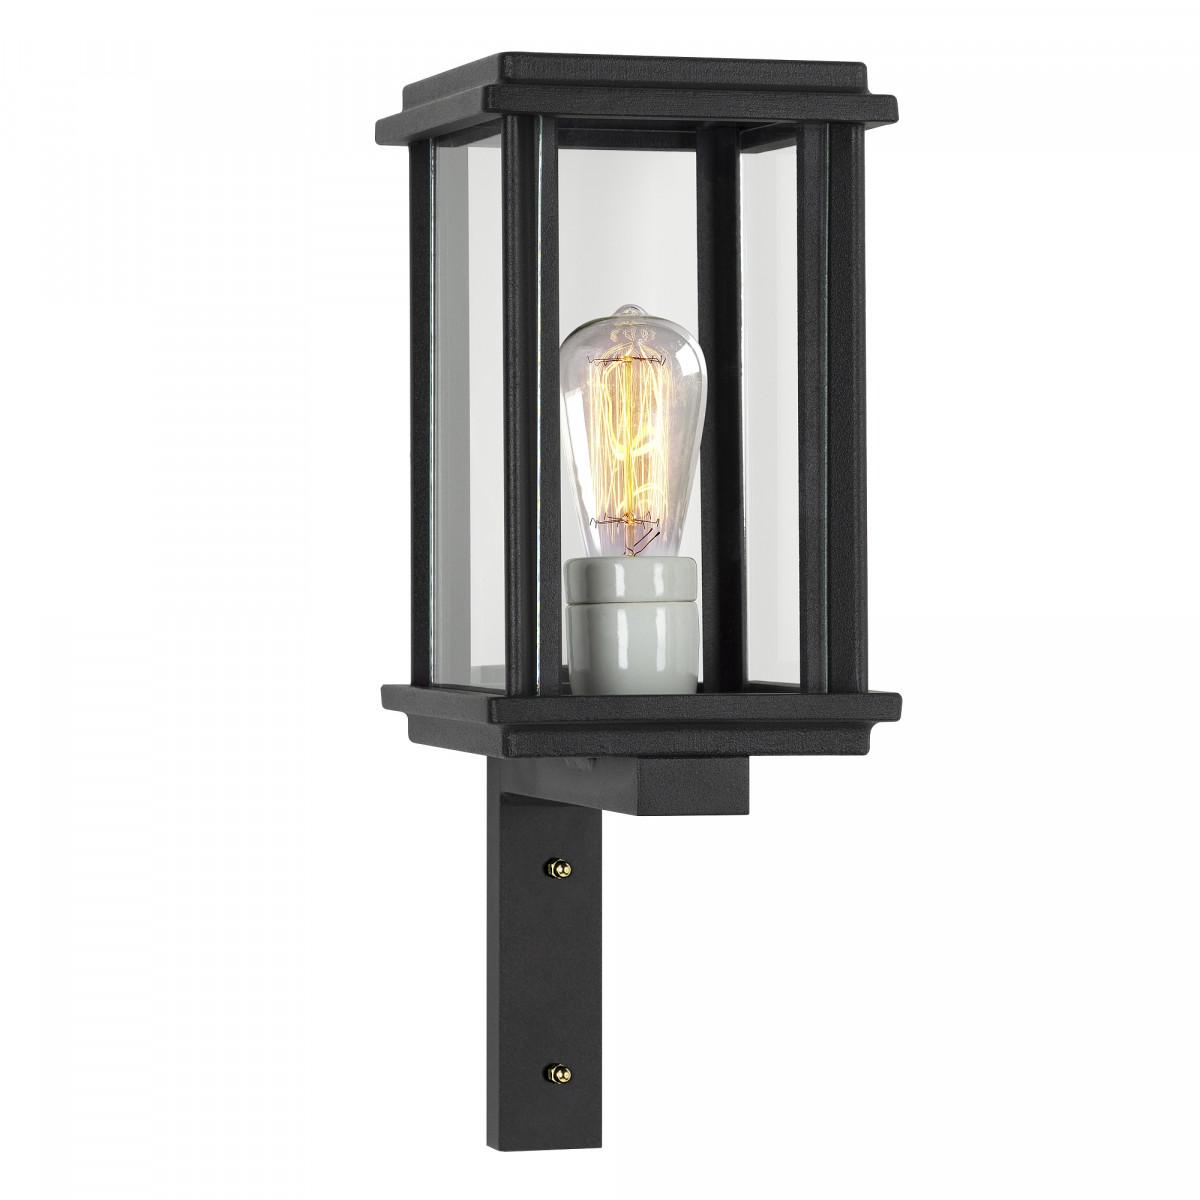 Buitenlamp strak klassiek van KS Verlichting de wandlamp Capital S op steun zwart